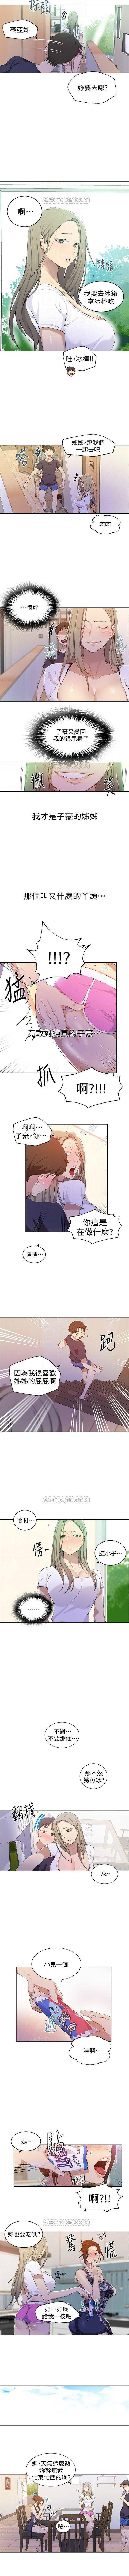 秘密教學  1-55 官方中文(連載中) 223